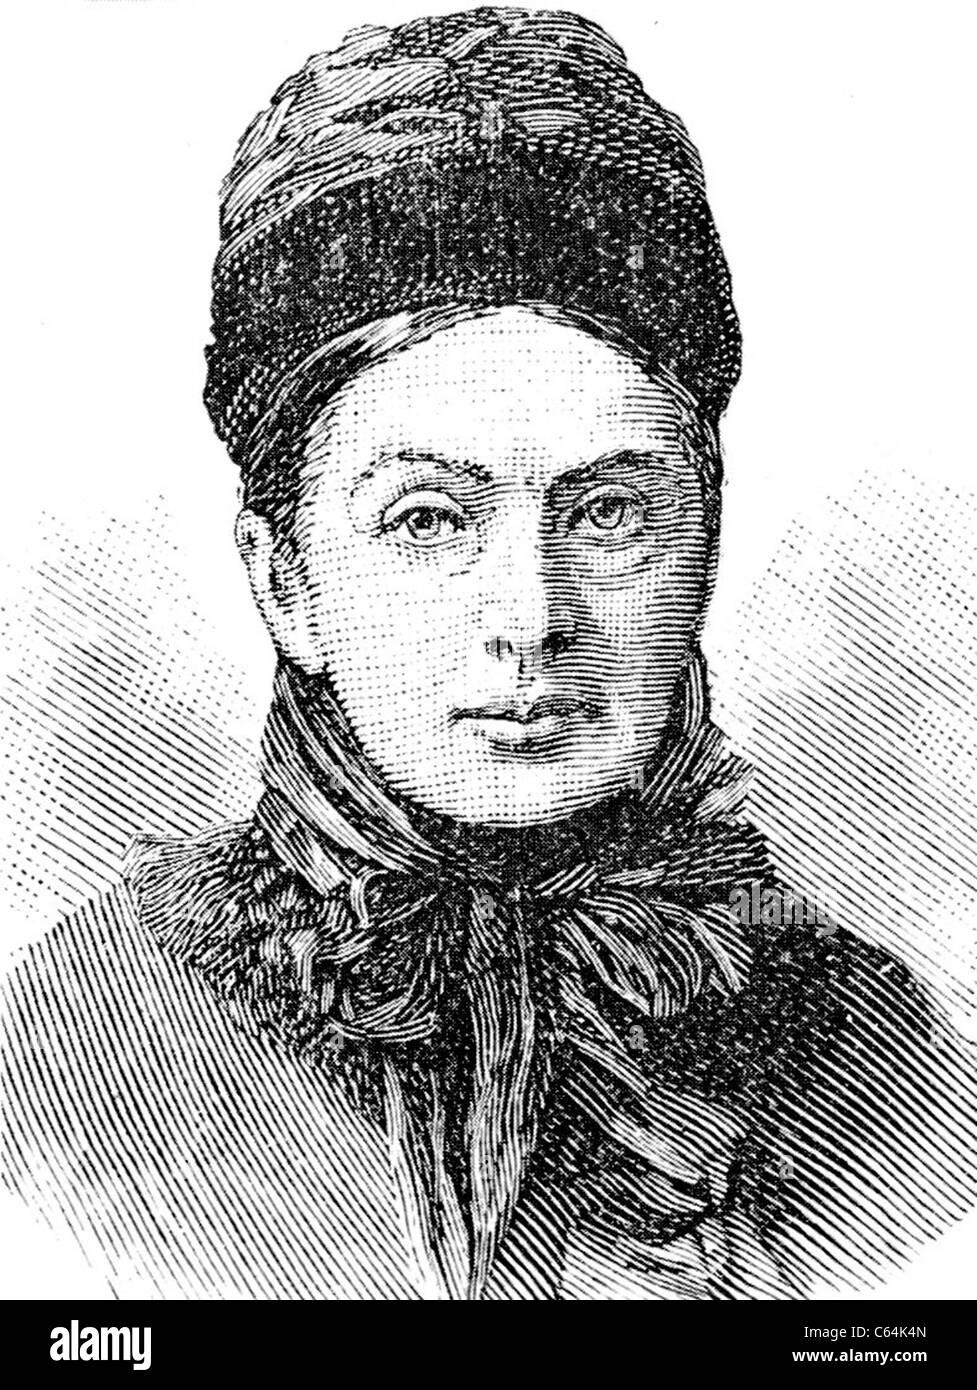 ISABELLA BIRD (1831-1904) English explorer and natural history writer - Stock Image